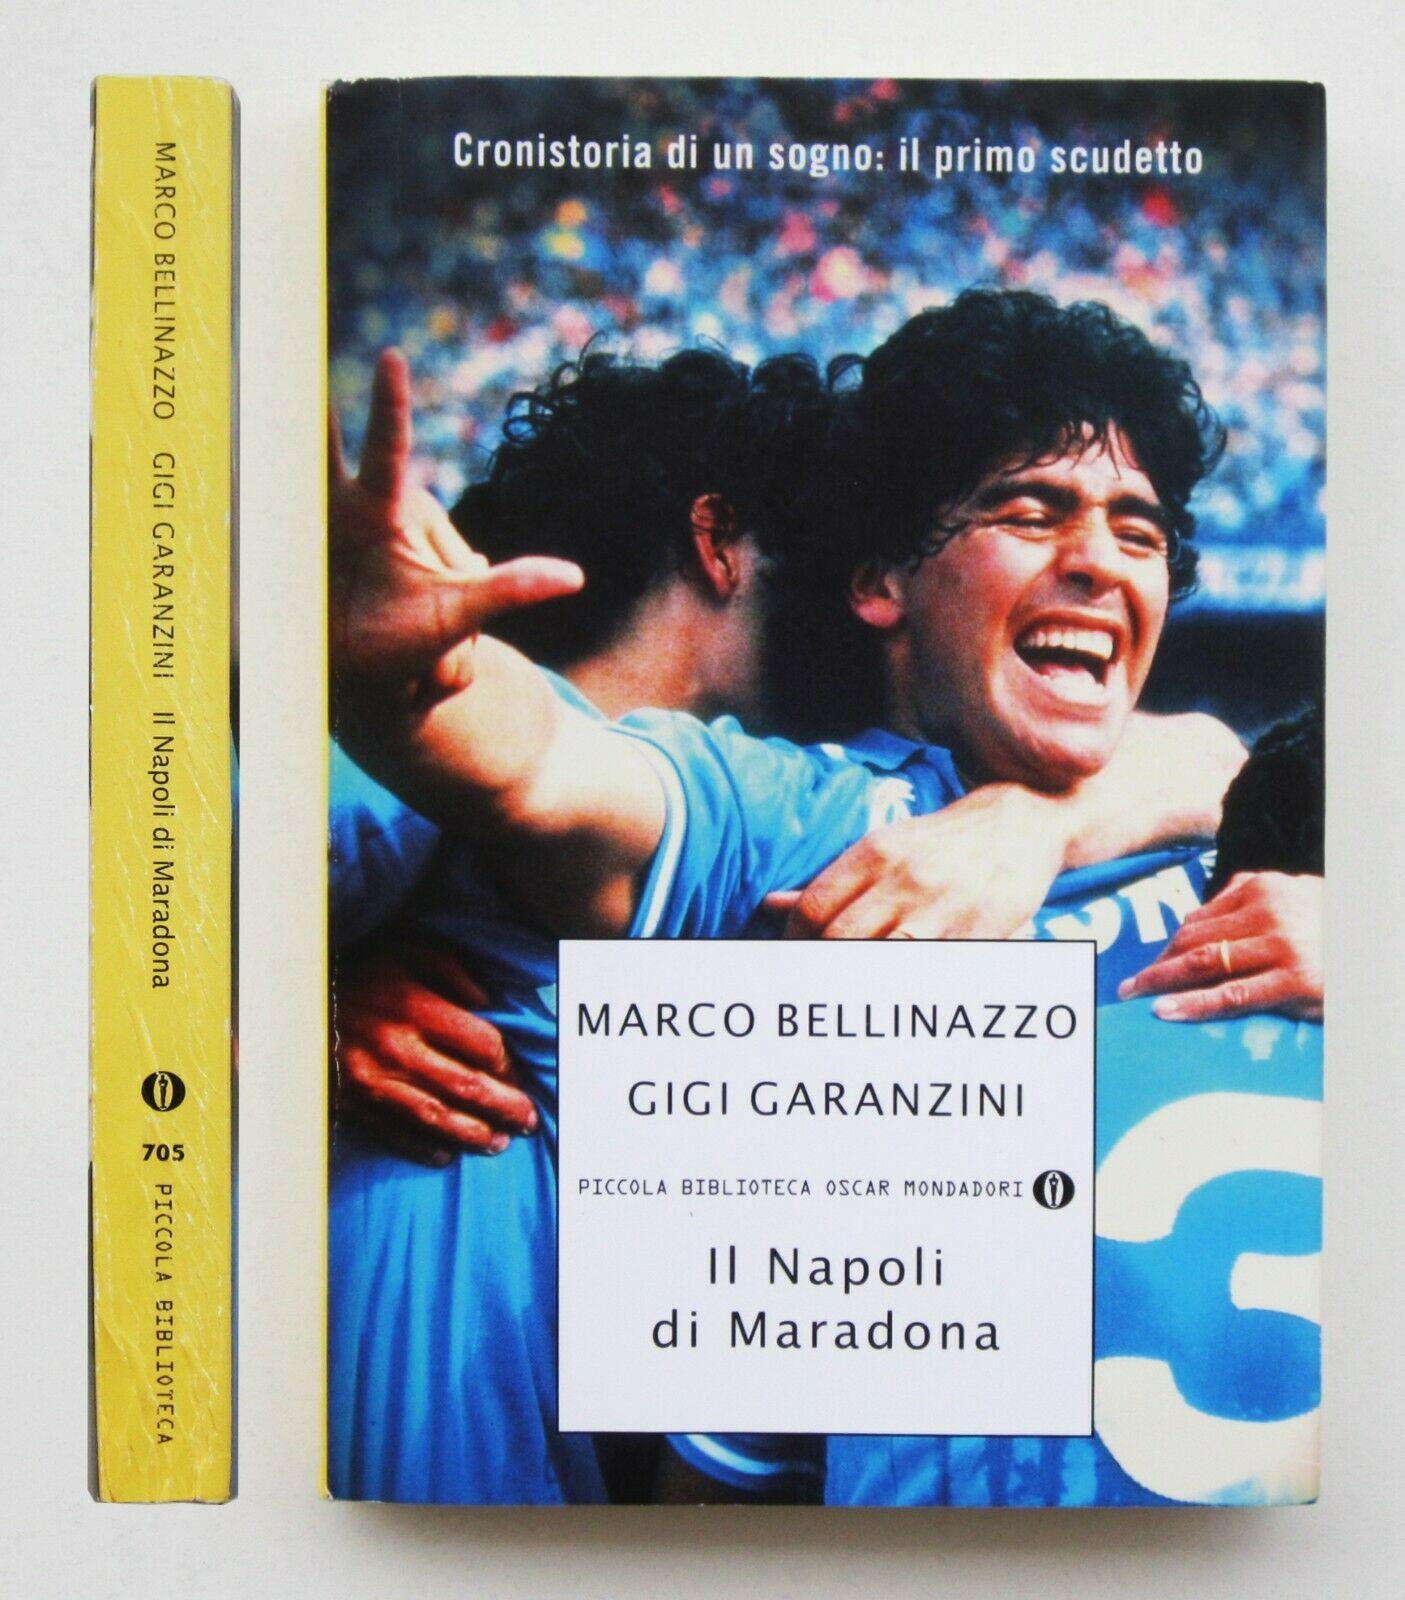 """In asta un ambitissimo libro su Maradona: """"Il Napoli di Maradona"""" di Bellinazzo & Garanzini – in scadenza tra poche ore"""